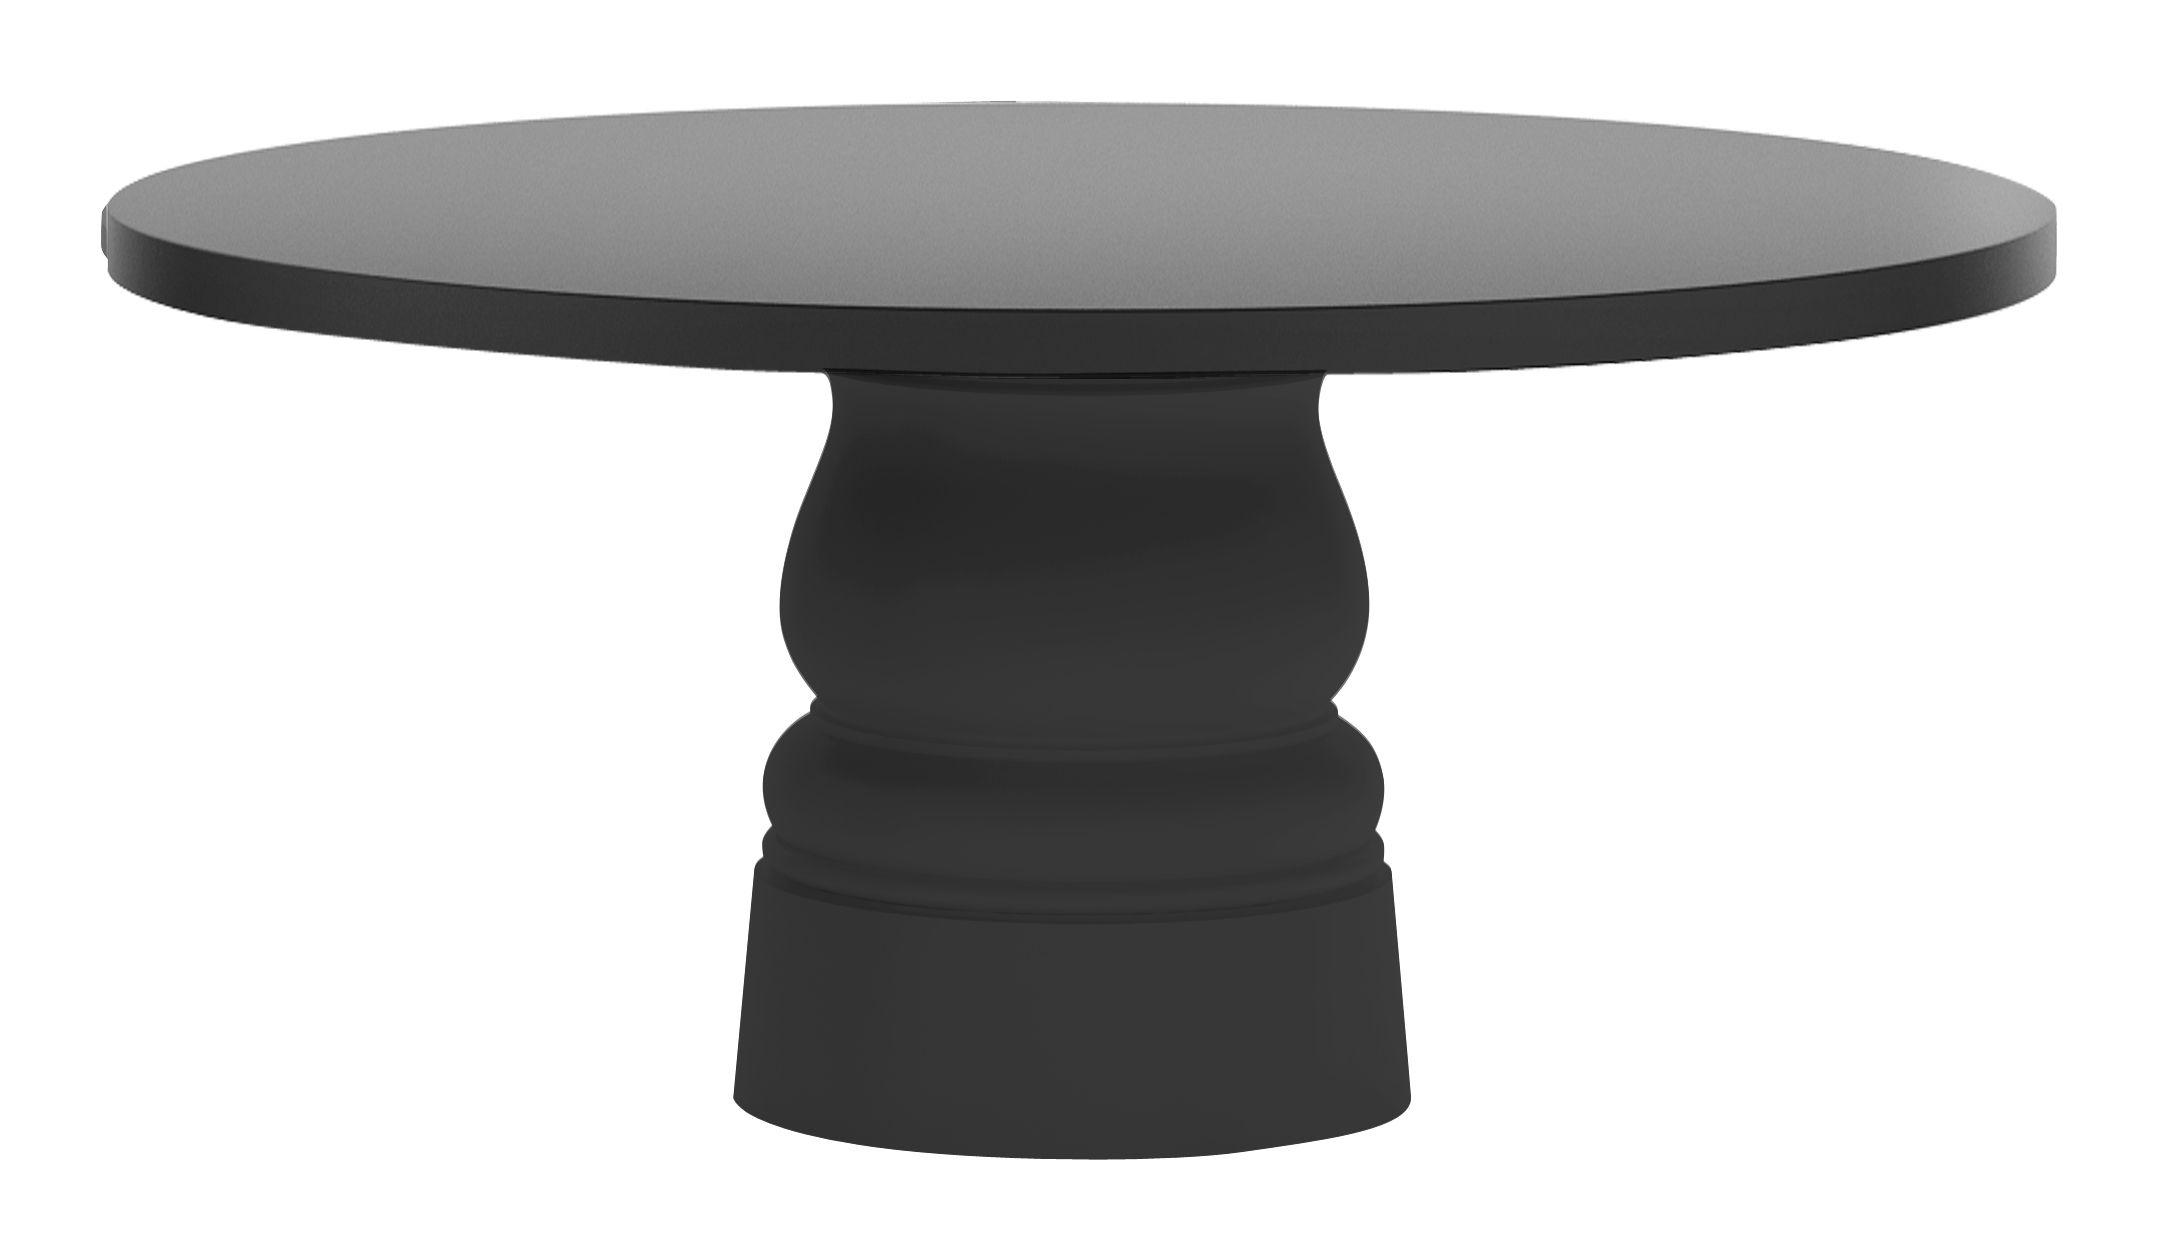 Outdoor - Tables de jardin - Accessoire table / Pied pour table Container New Antique / H 71 cm - Pour plateau Ø 160 cm - Moooi - Pied noir - Ø 56 x H 71 cm - Acier inoxydable, Polyéthylène